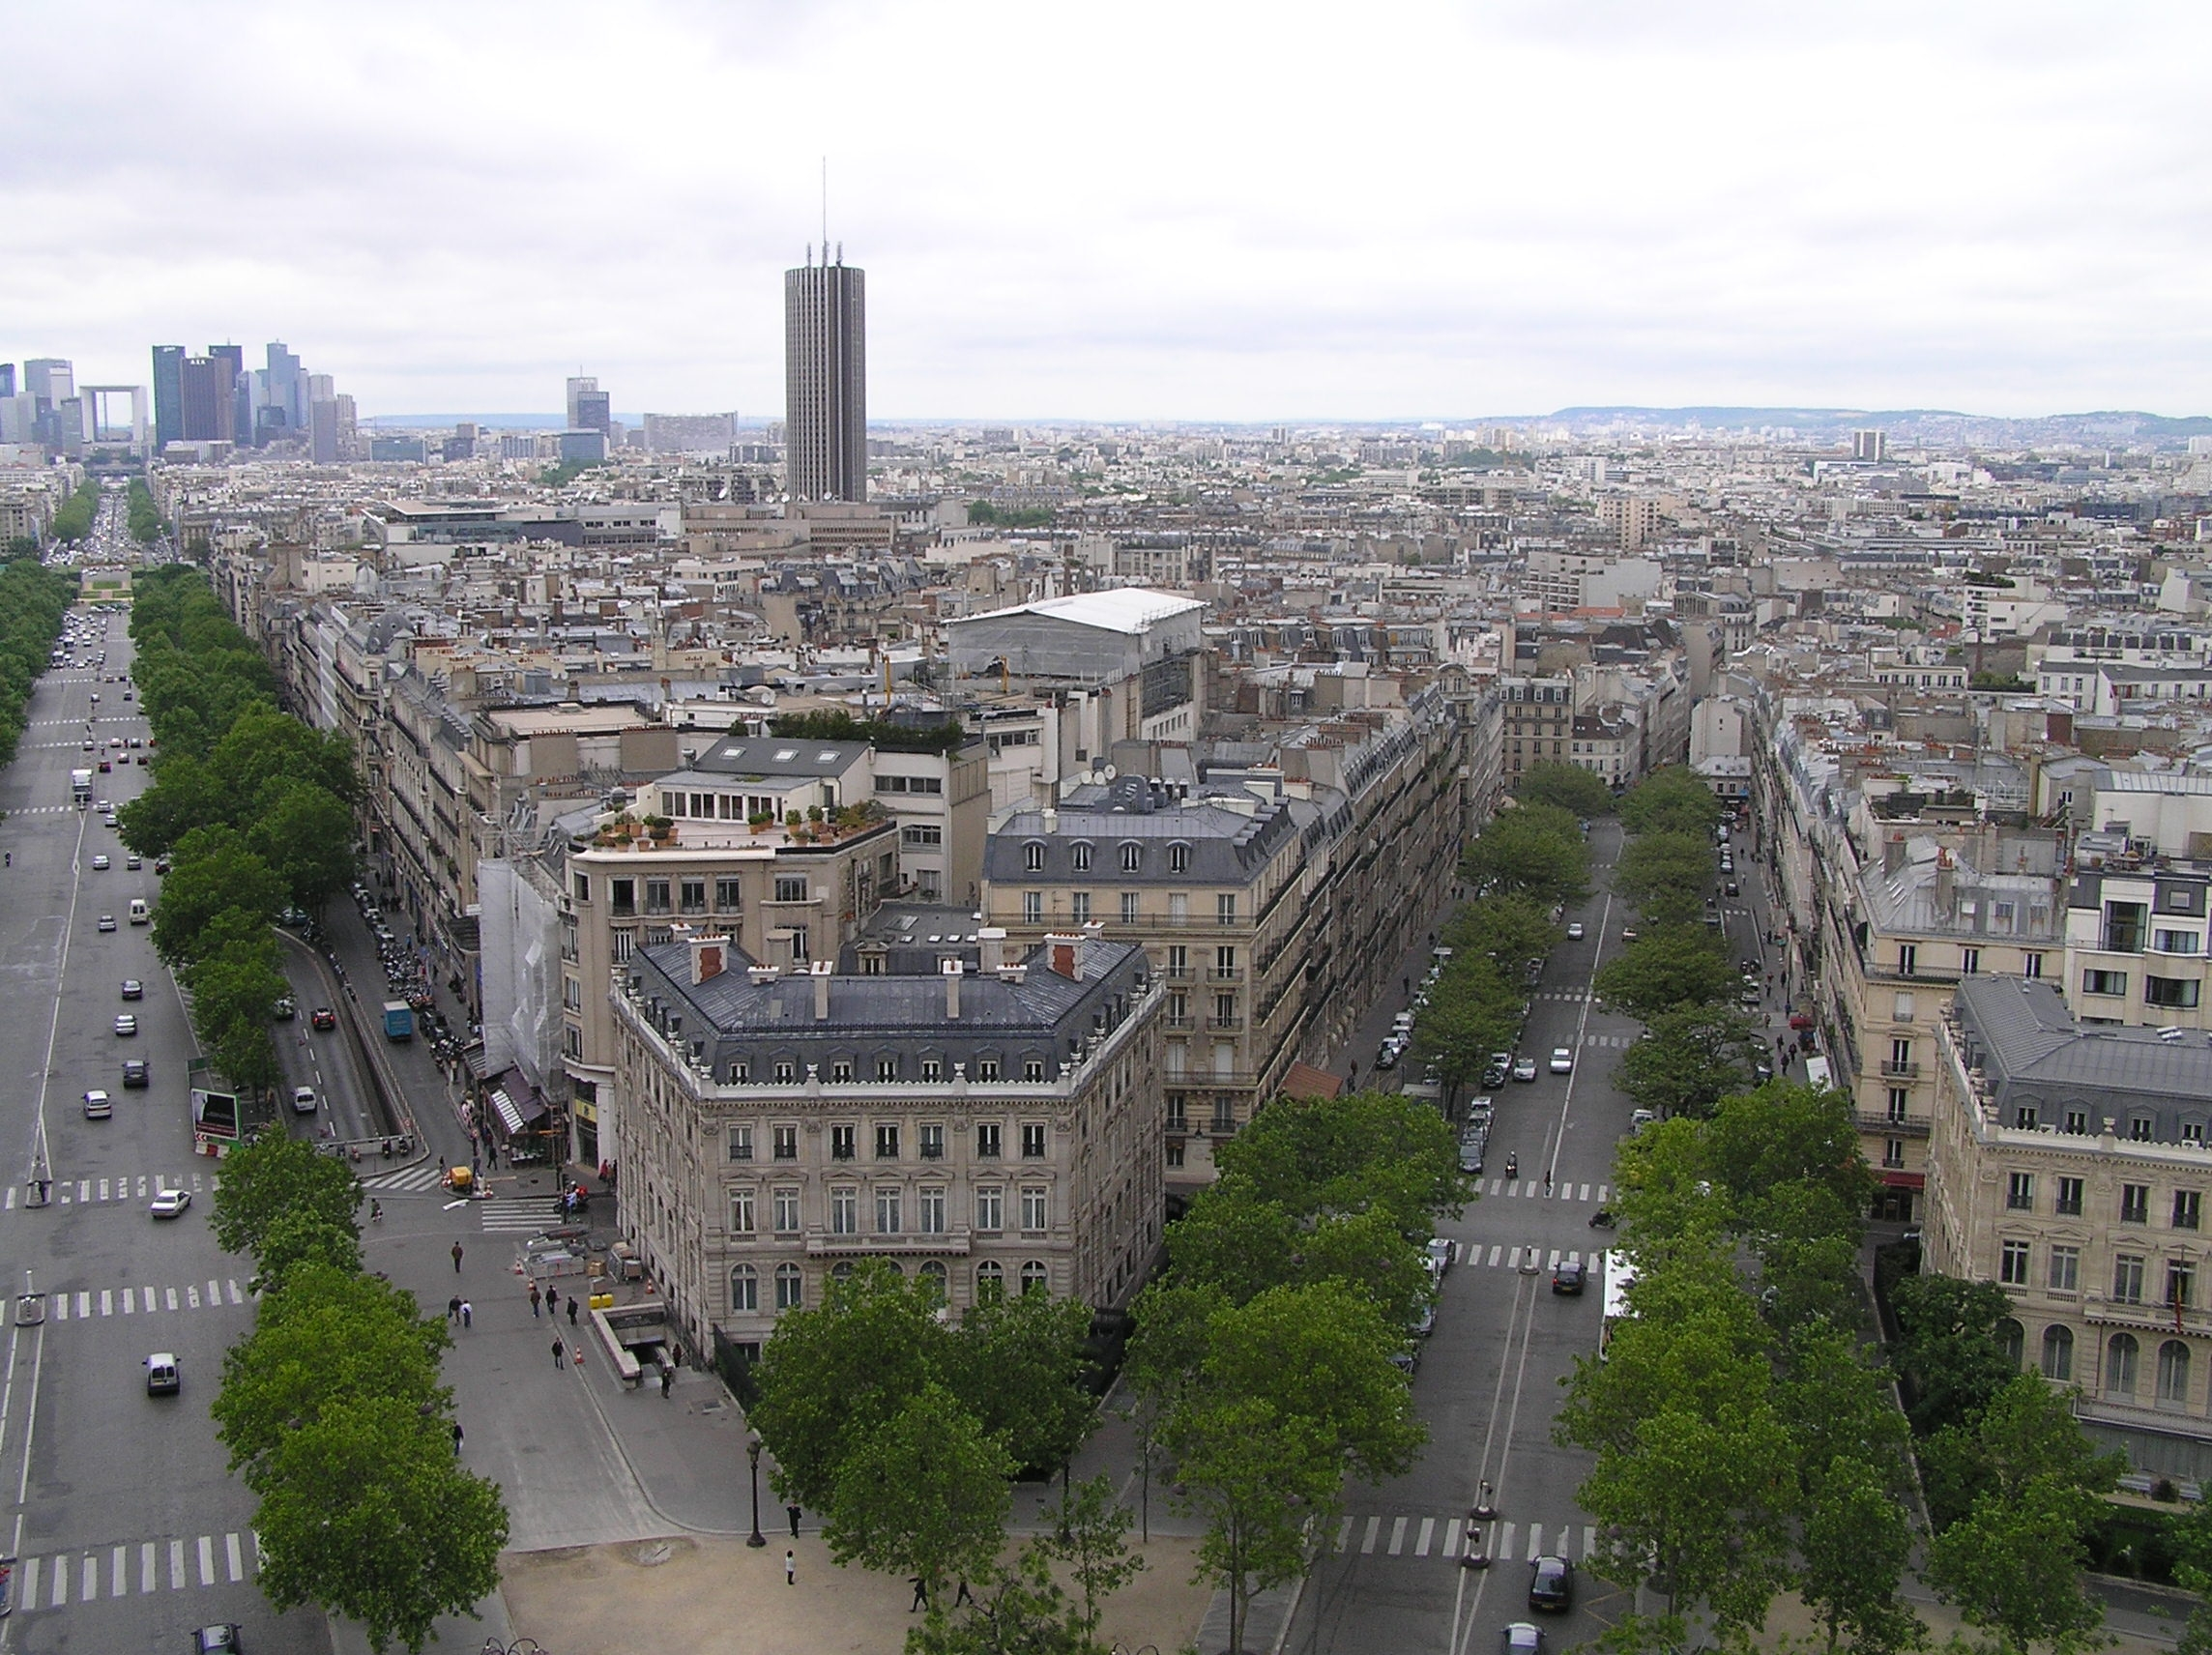 Francie - Paříž - pohled z Vítězného oblouku směrem La Defense